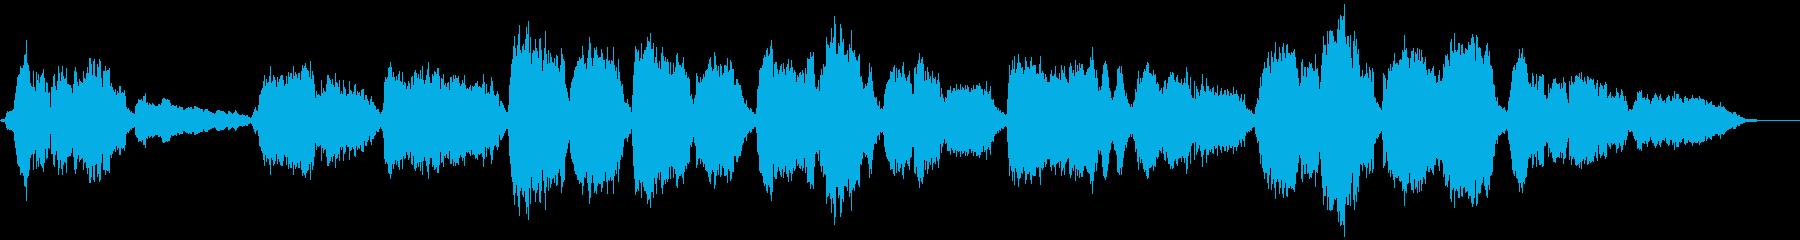 アカペラによる定番クリスマスソングの再生済みの波形